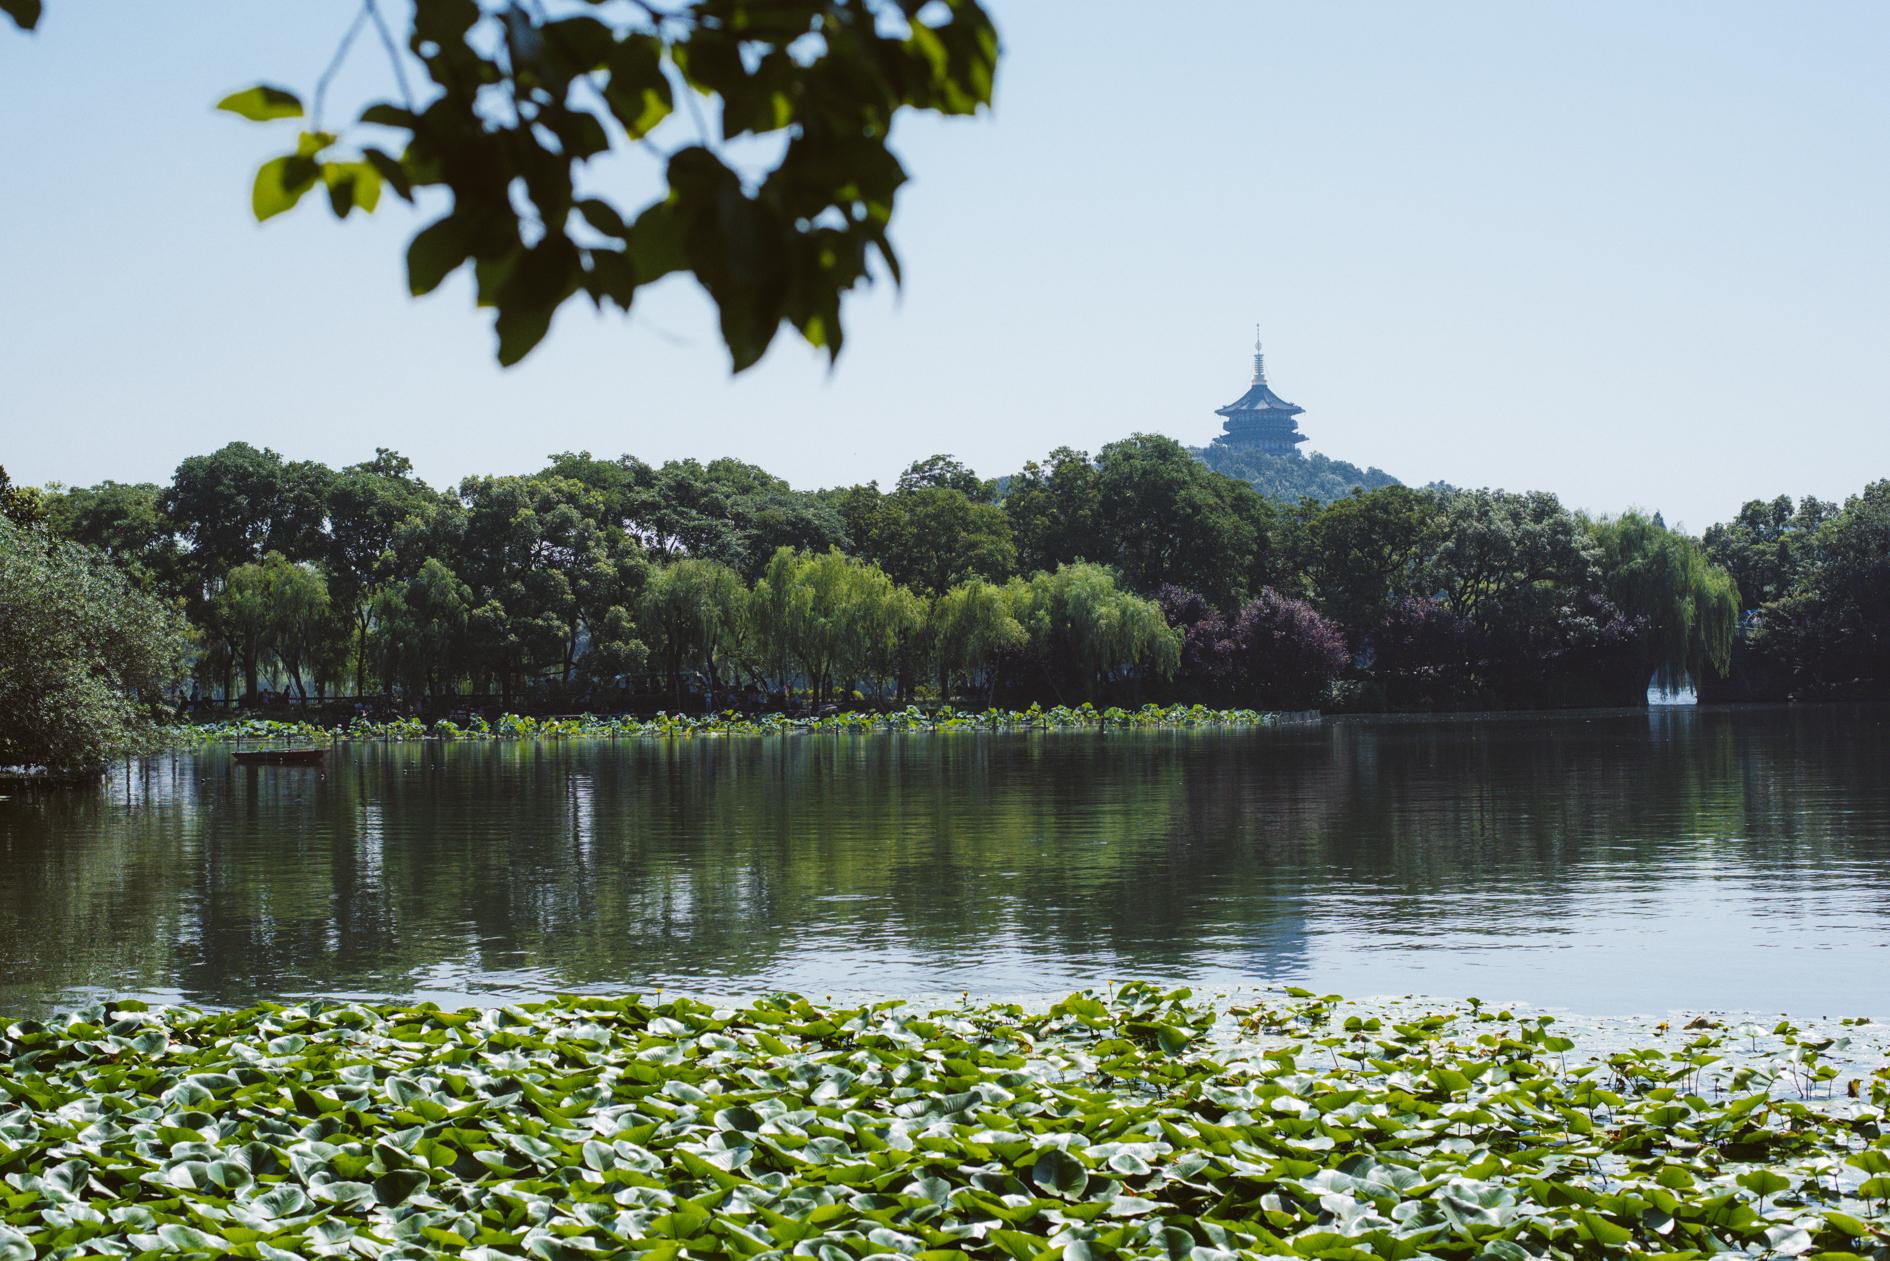 杭州不得不玩的景点,杭州状元线上娱乐必去的景点,杭州景点排行